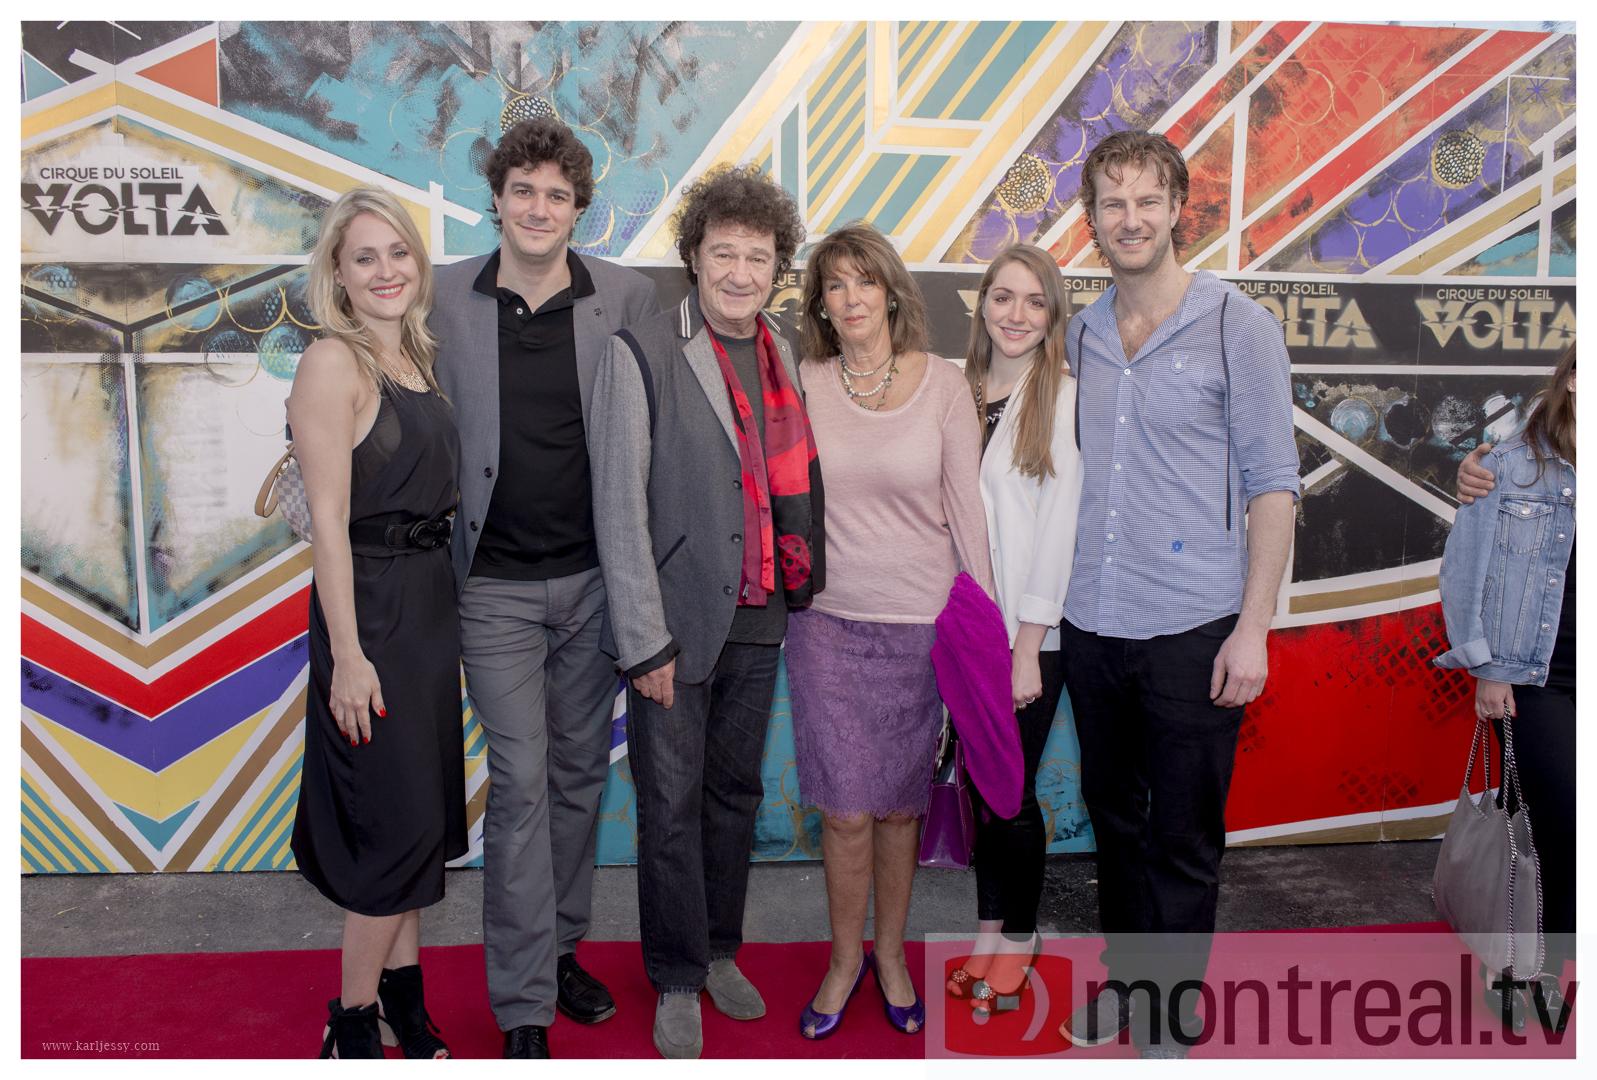 Les Charlebois_RedCarpet_MontrealTV_VOLTA_RedCarpet_MontrealTV